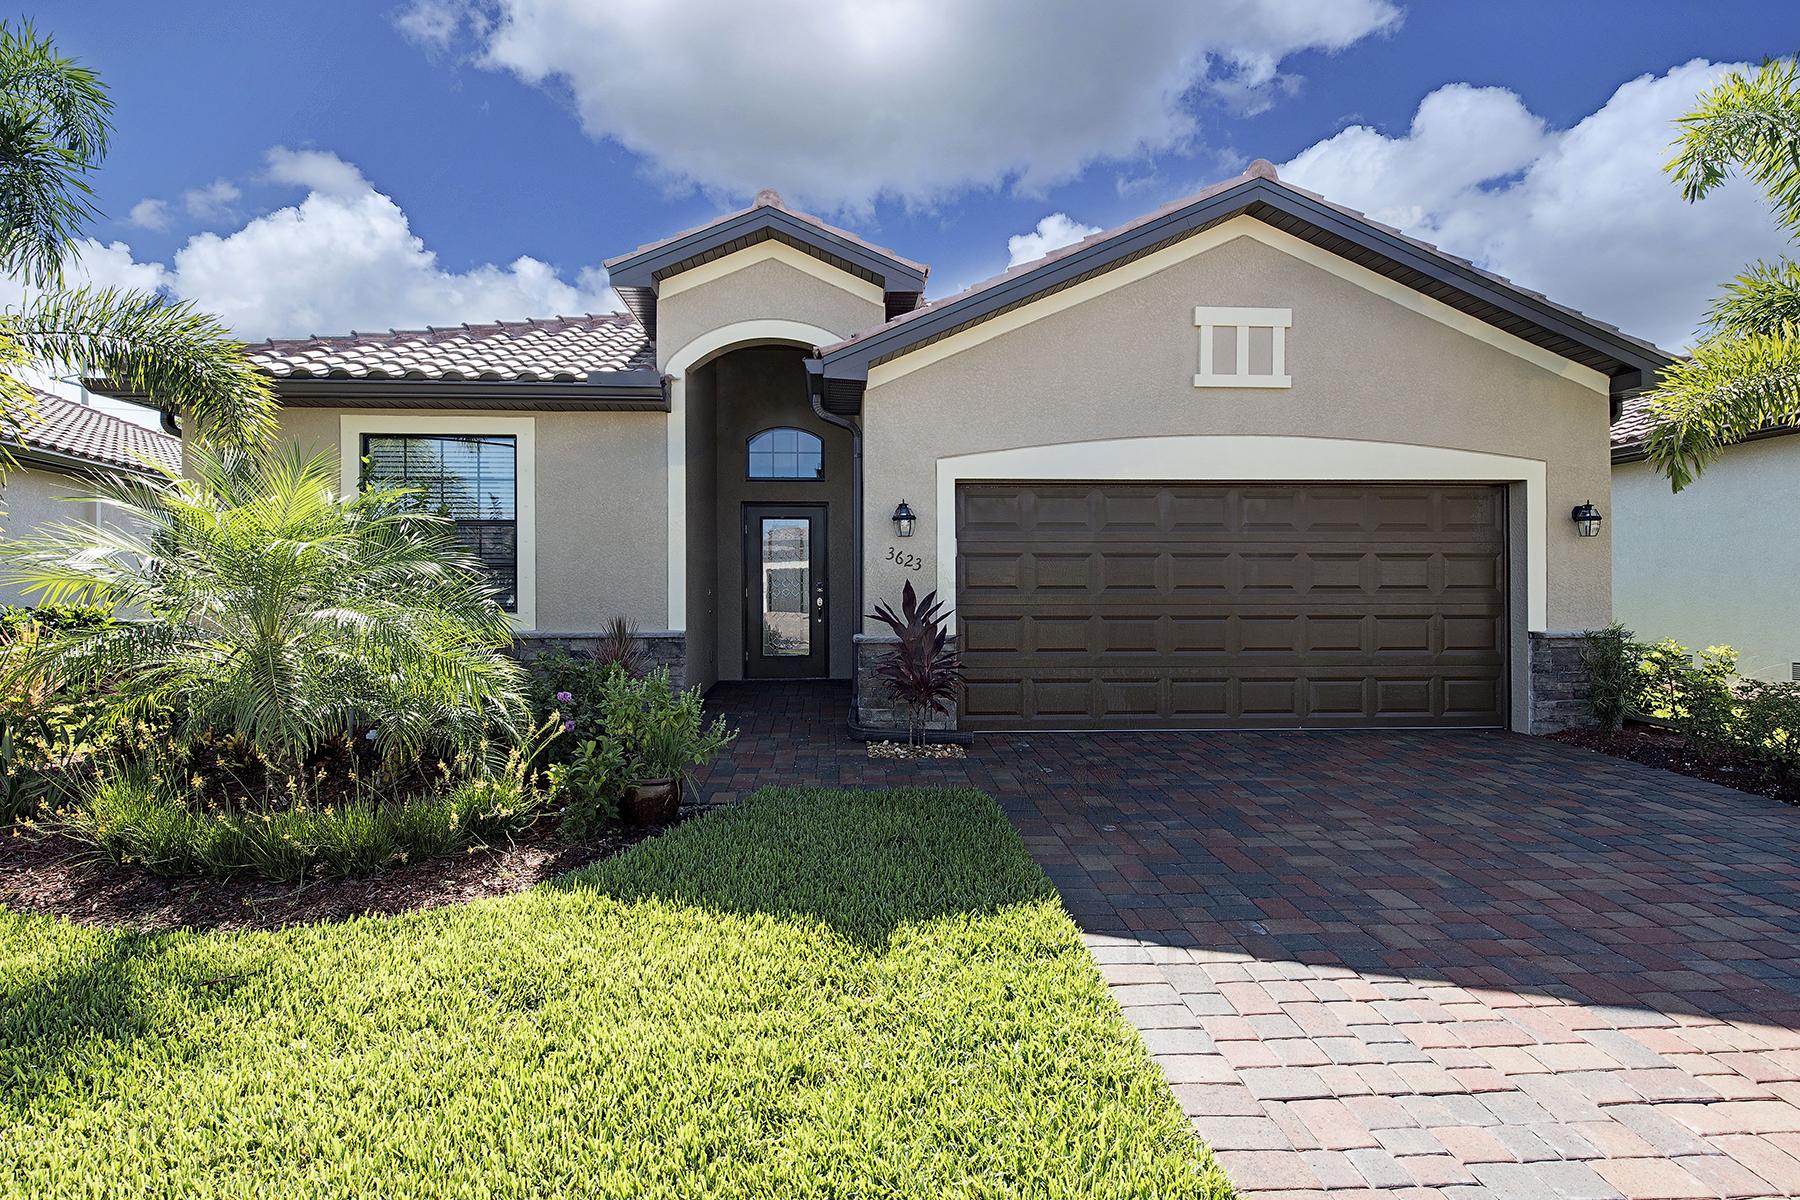 Casa Unifamiliar por un Venta en COPPER COVE - TREASURE COVE CIRCLE 3623 Treasure Cove Cir Naples, Florida 34114 Estados Unidos